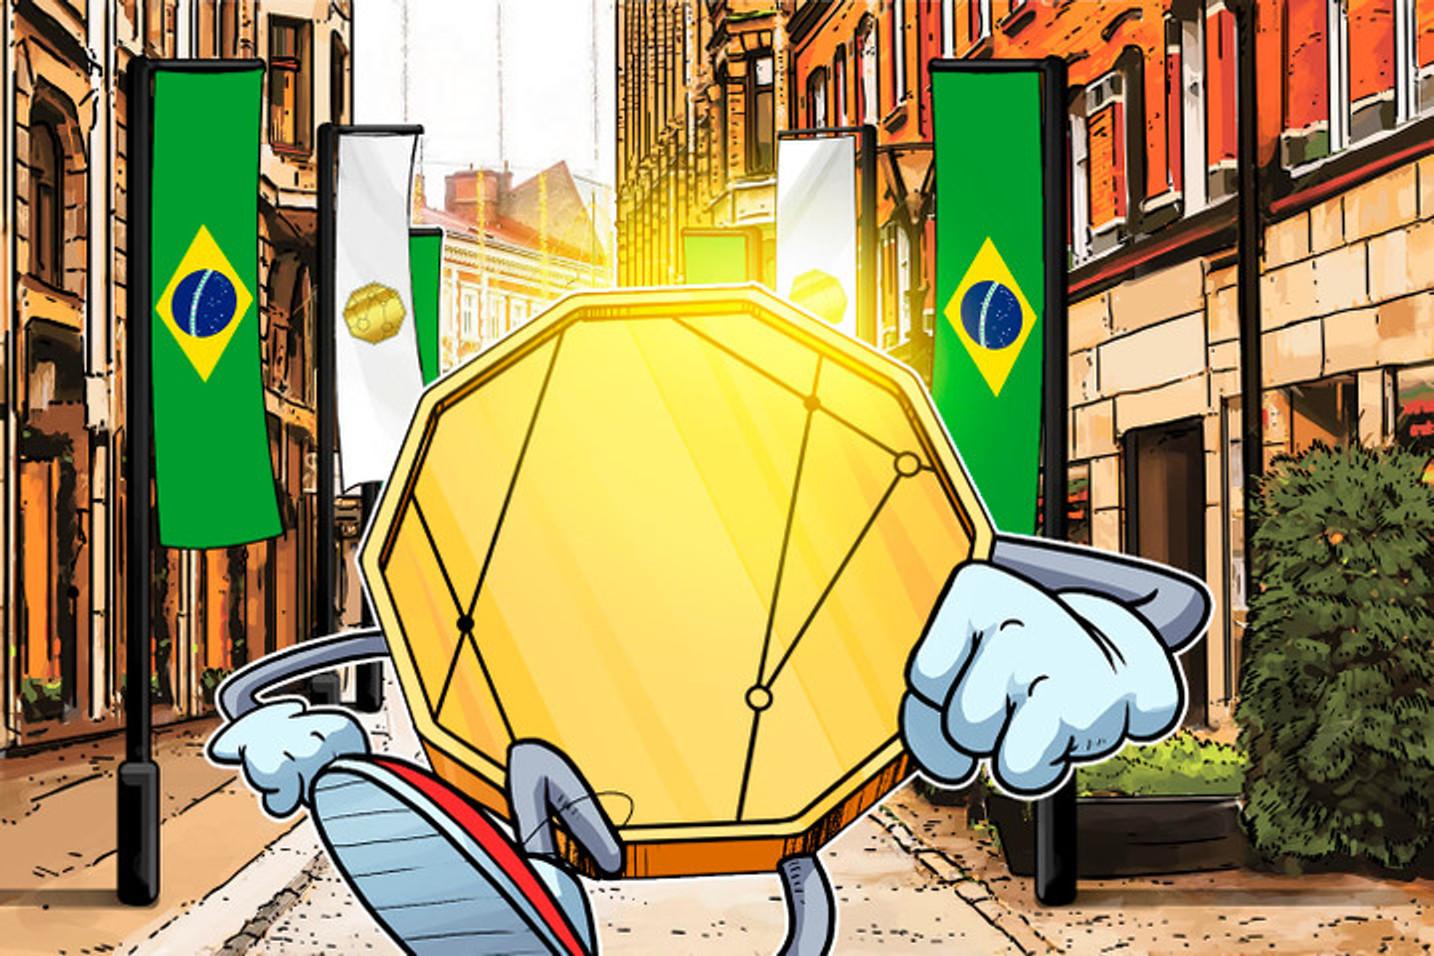 Em 2021 Bitcoin já valorizou R$ 100 mil e seu preço passa de R$ 250 mil no Brasil atingindo novo recorde